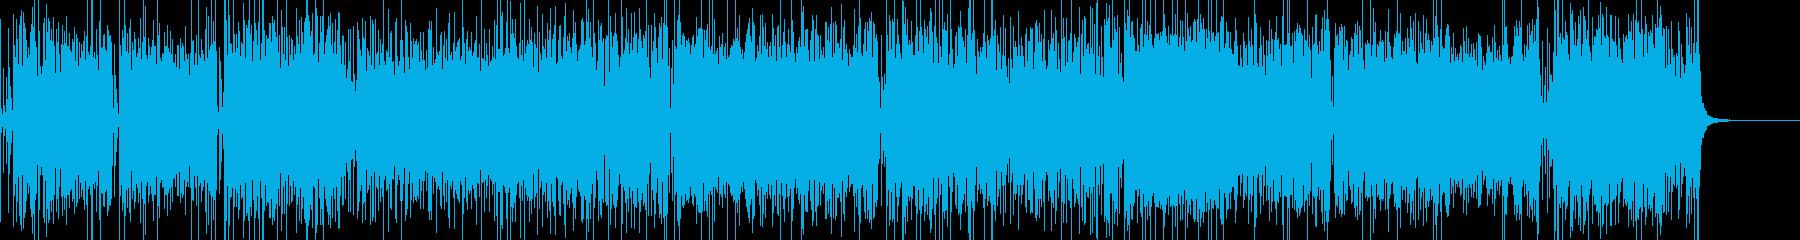 ブルース、ロックン・ロール風の元気BGMの再生済みの波形